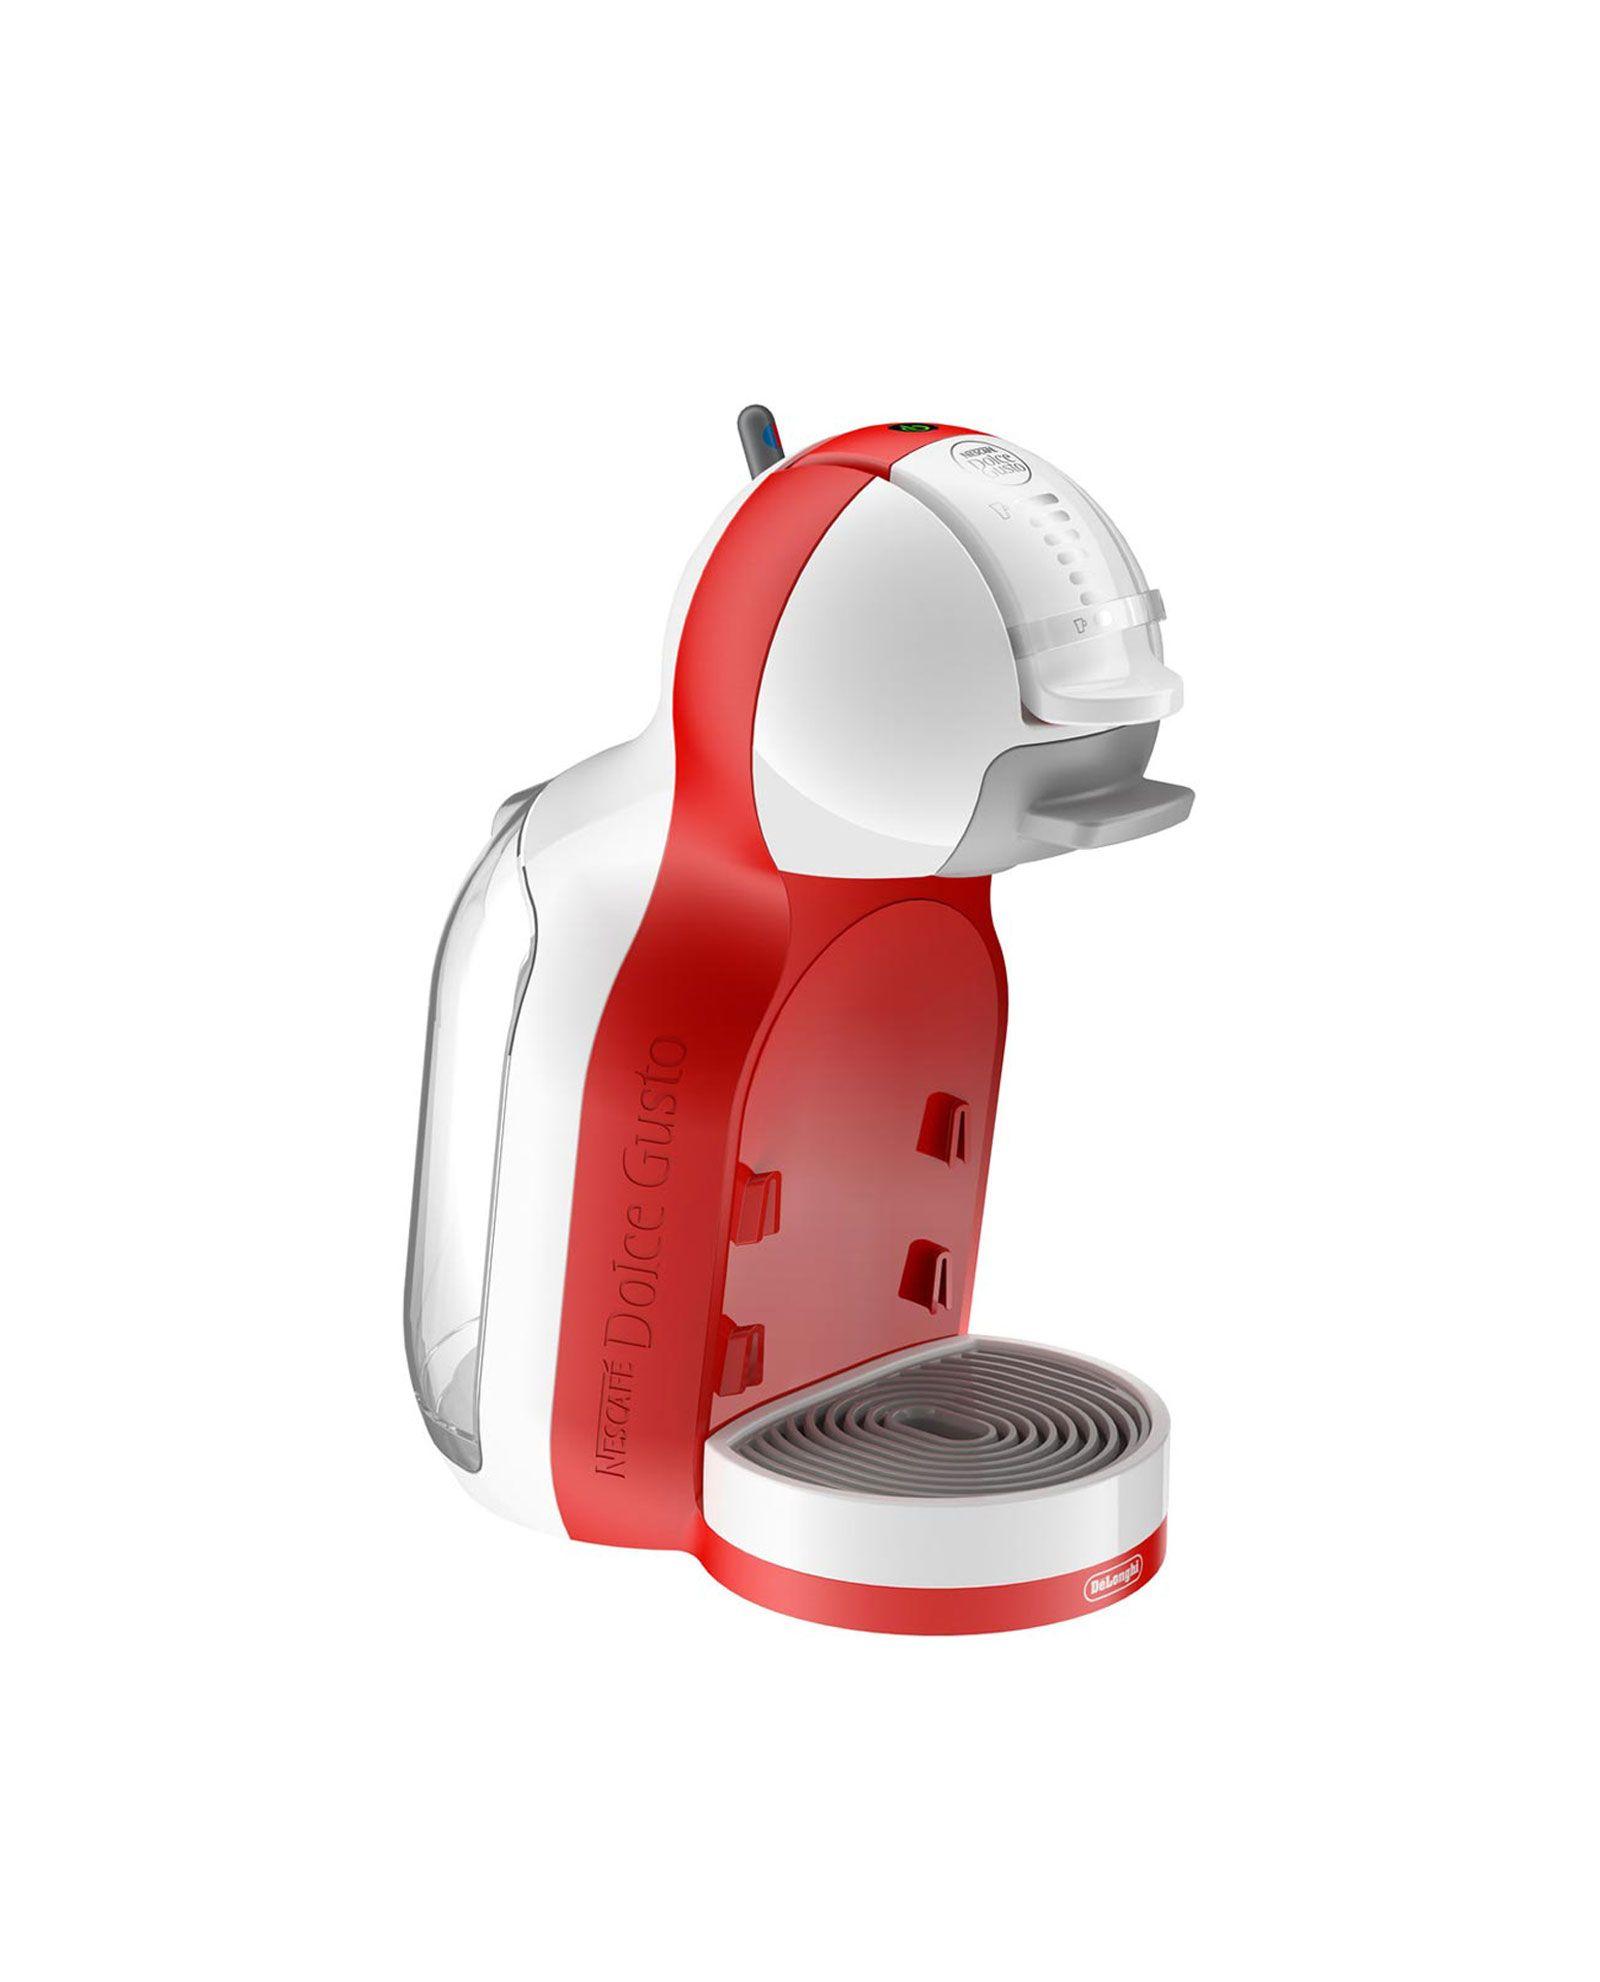 Delonghi Minime Nescafe Dolce Gusto Capsule Coffee Machine Shop